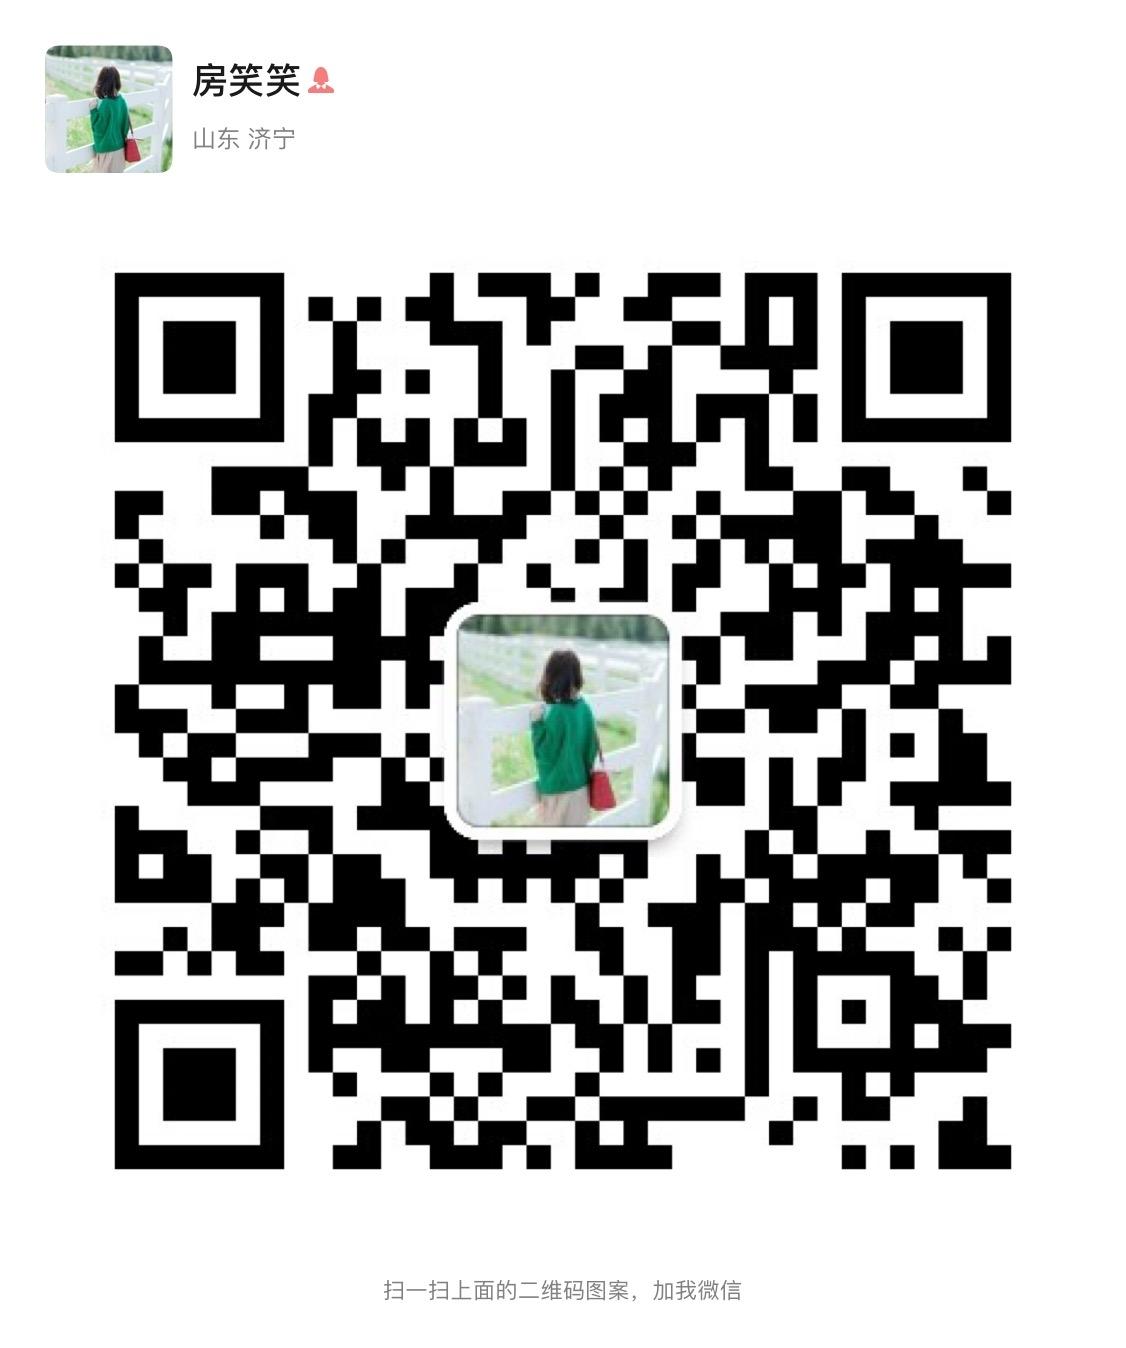 b00b15b7c3887e4b7539b0f11fef8b7.jpg